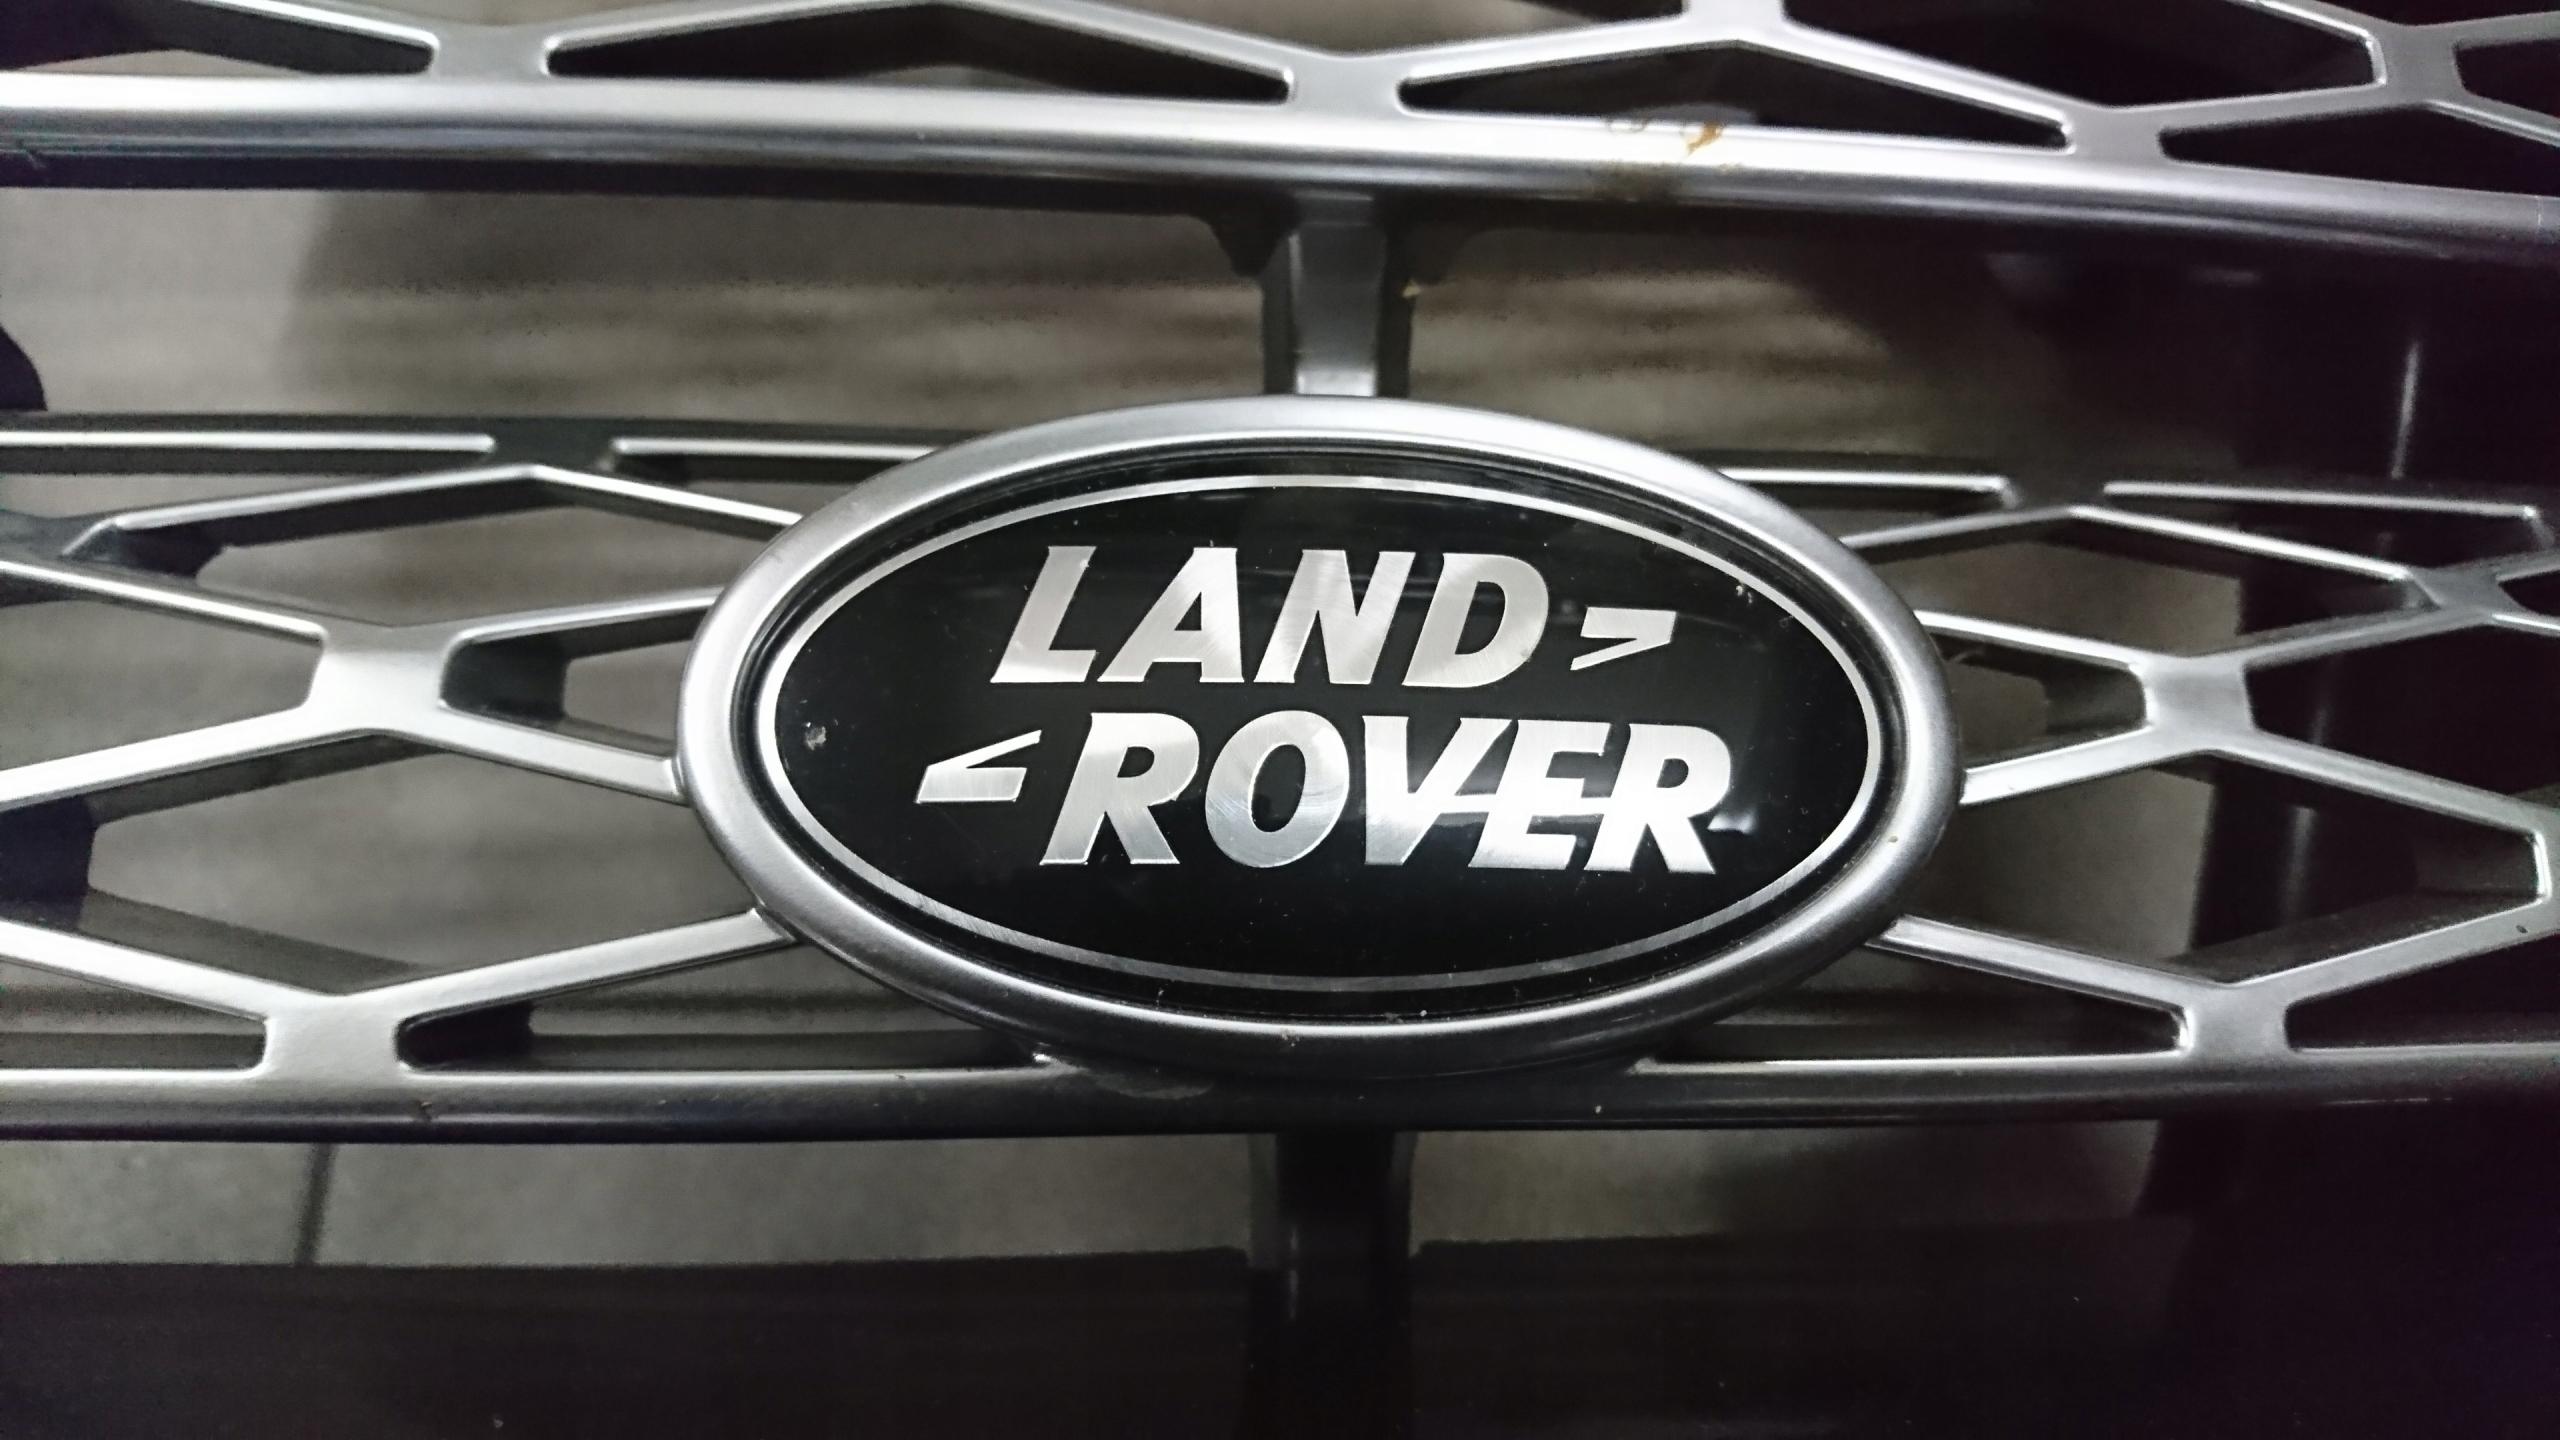 range rover спорт гриль решетка 2013r